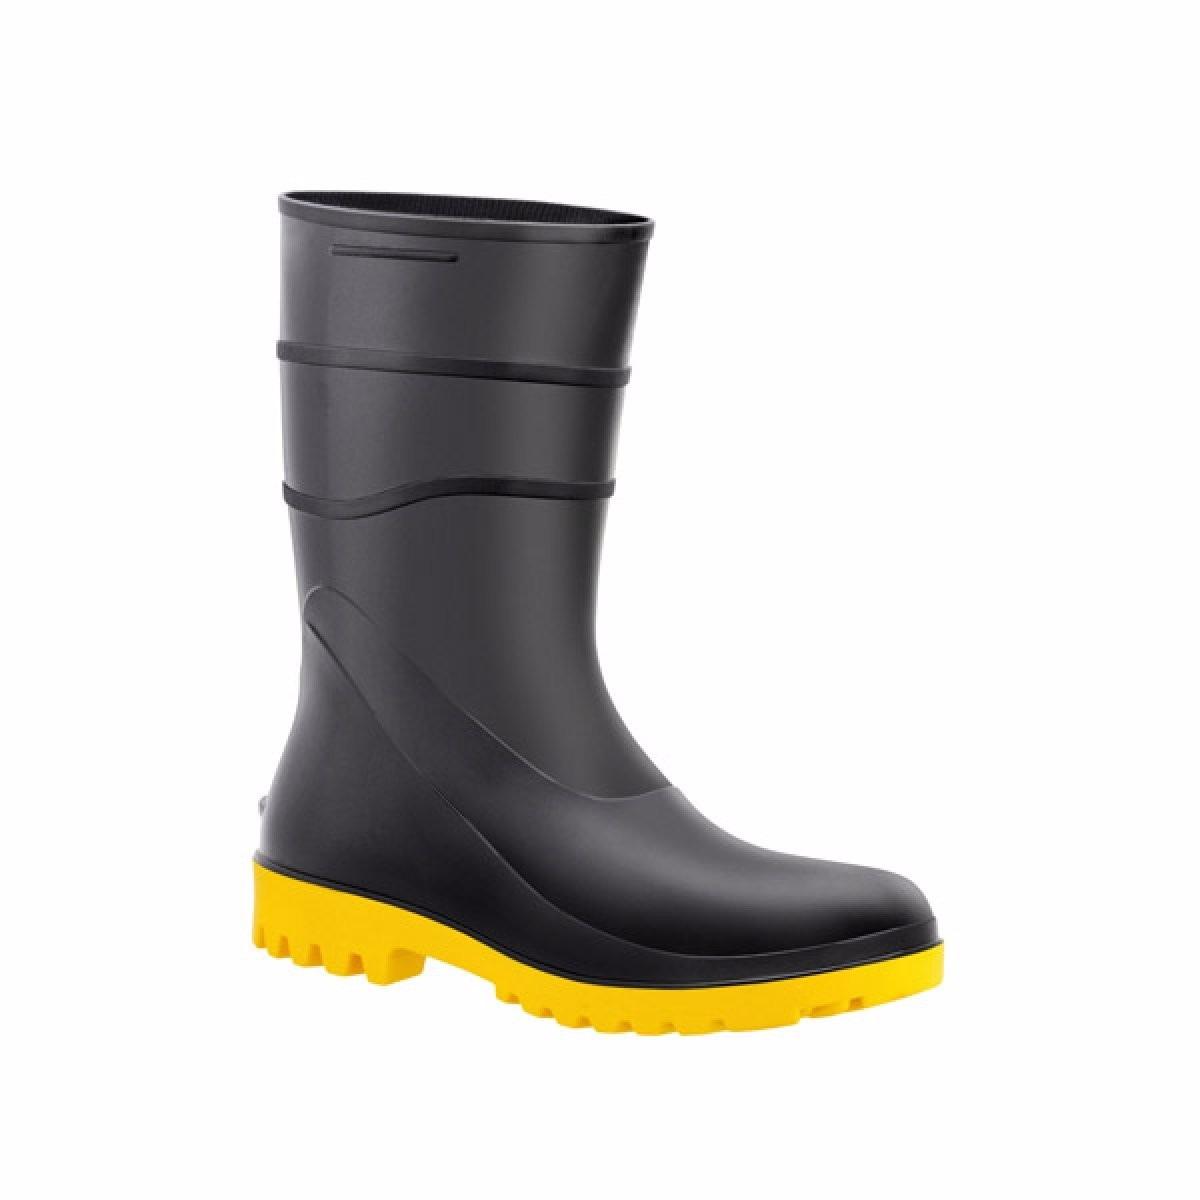 495ad1e123876 bota impermeável - acqua flex - cano curto. Carregando zoom.